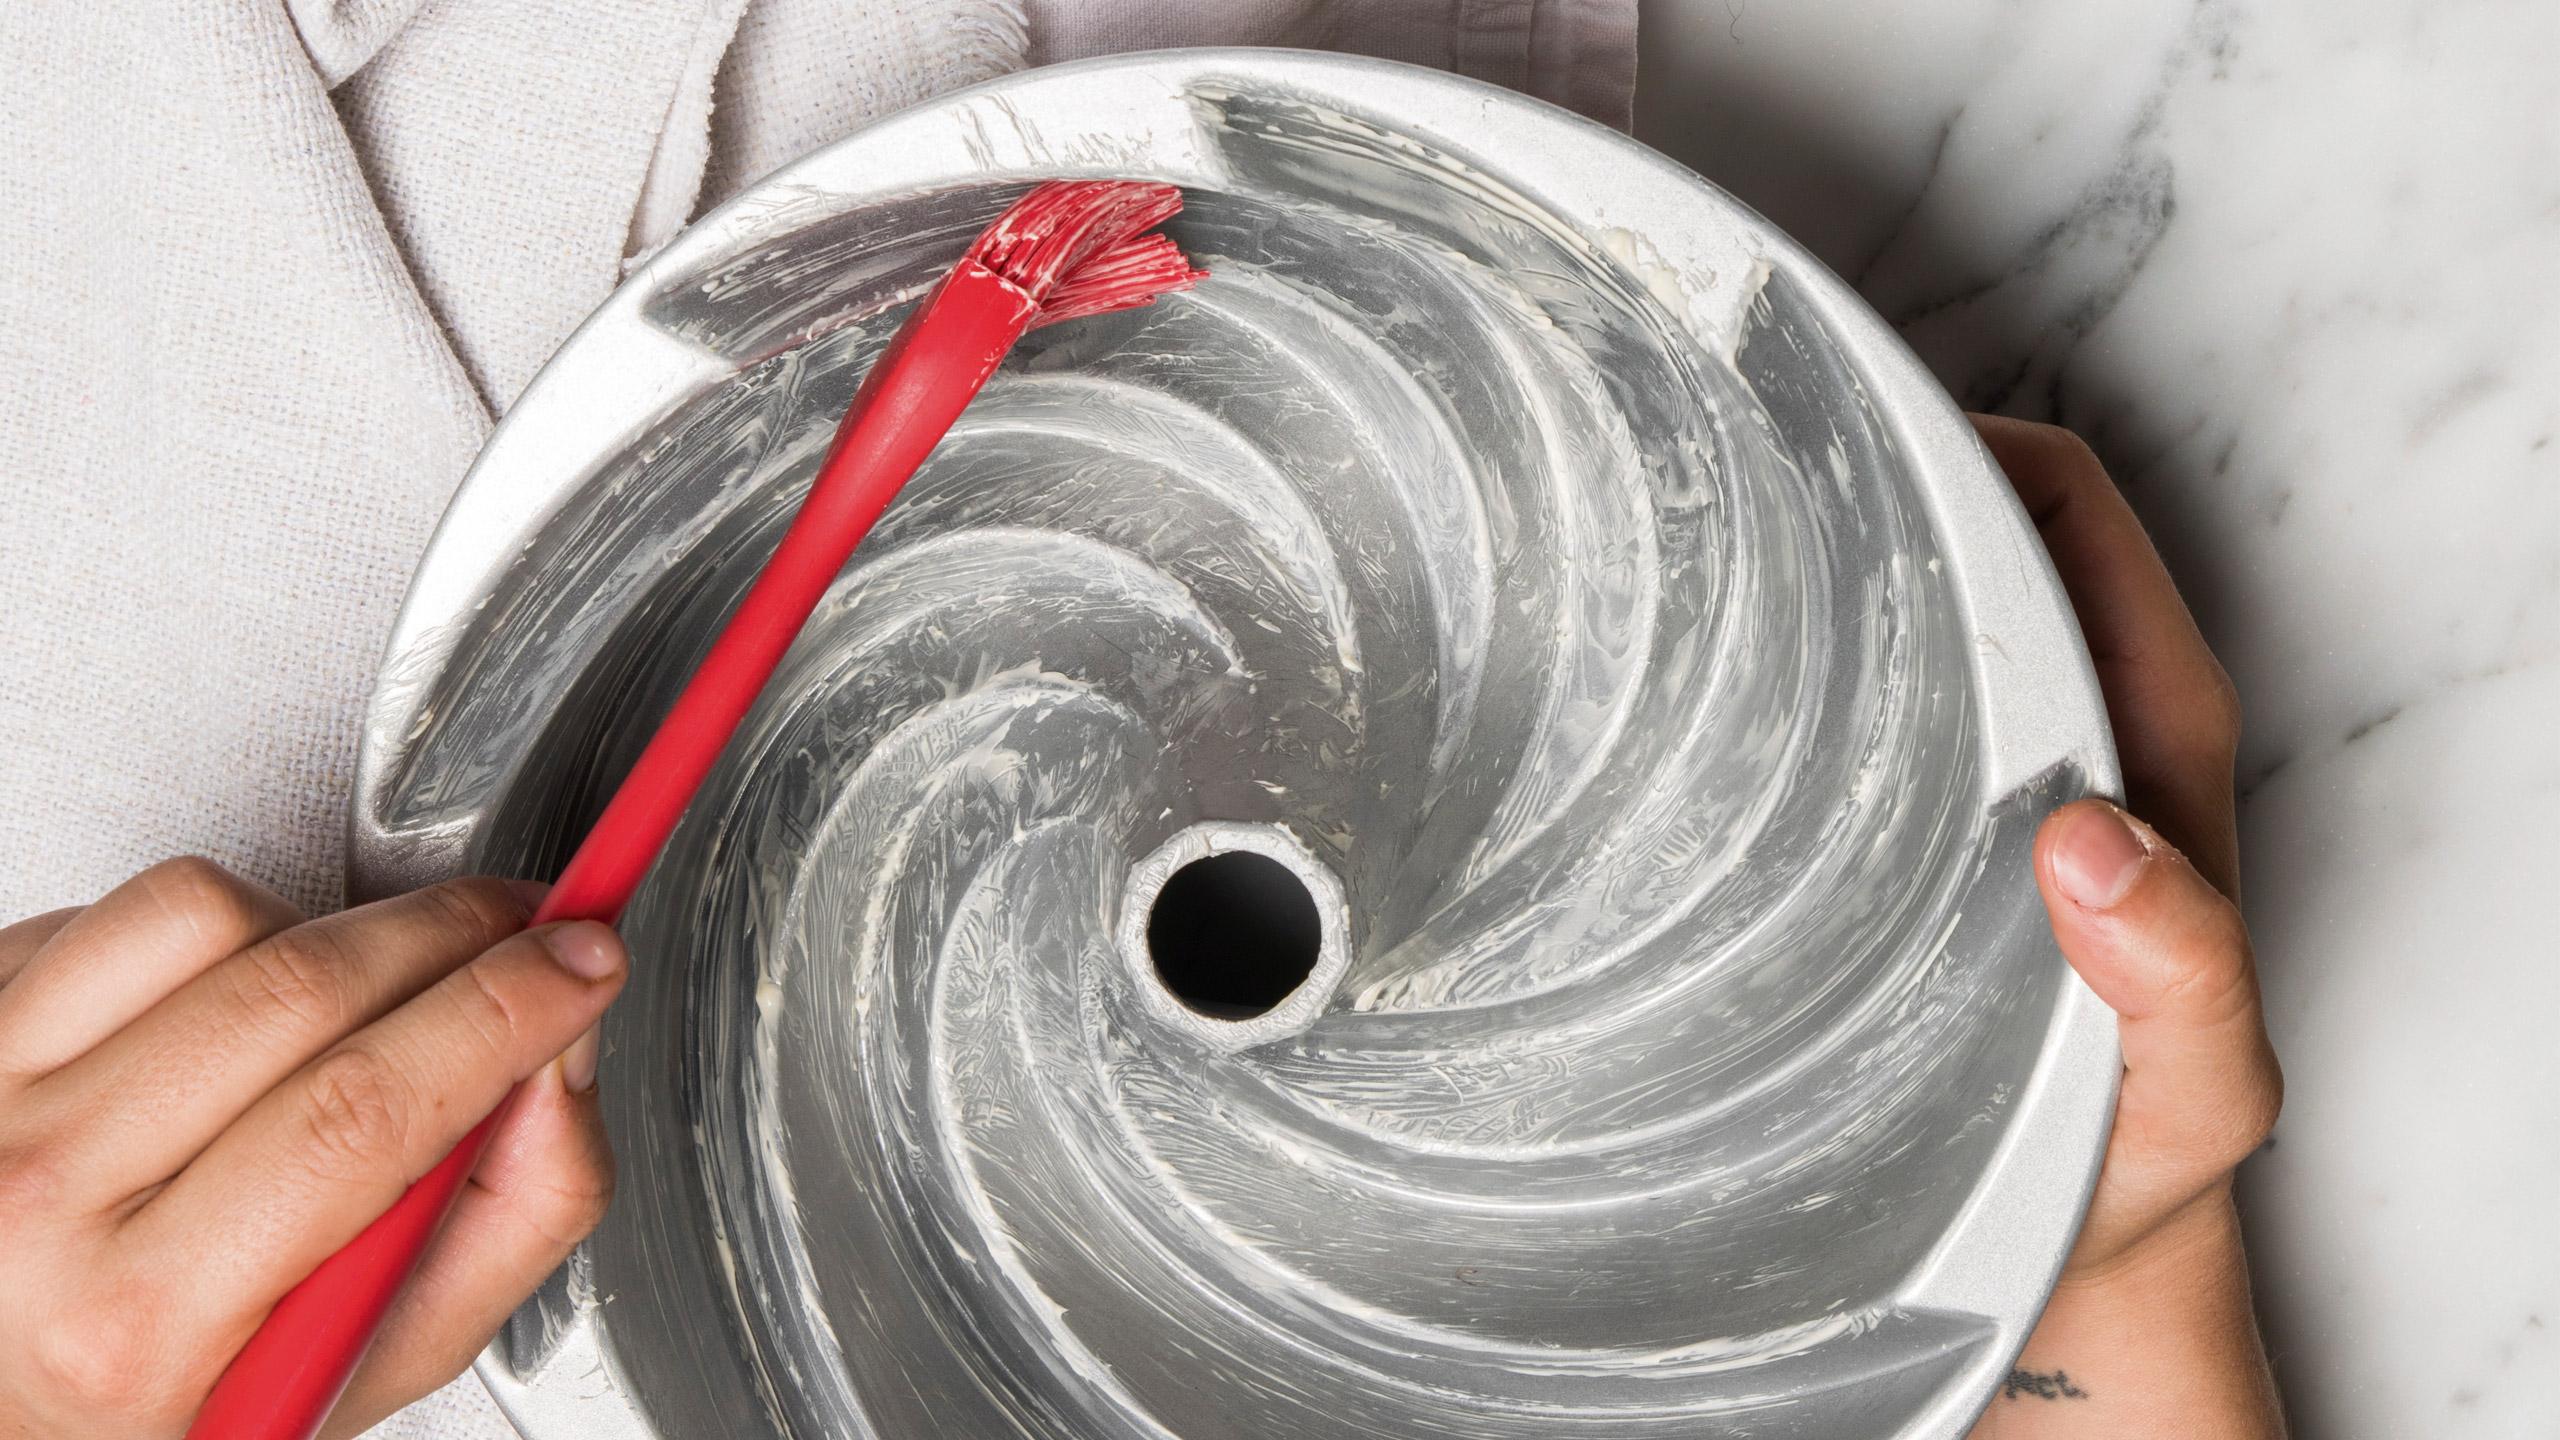 utensilios para hornear, moldes, espátulas, brochas, horno, pan